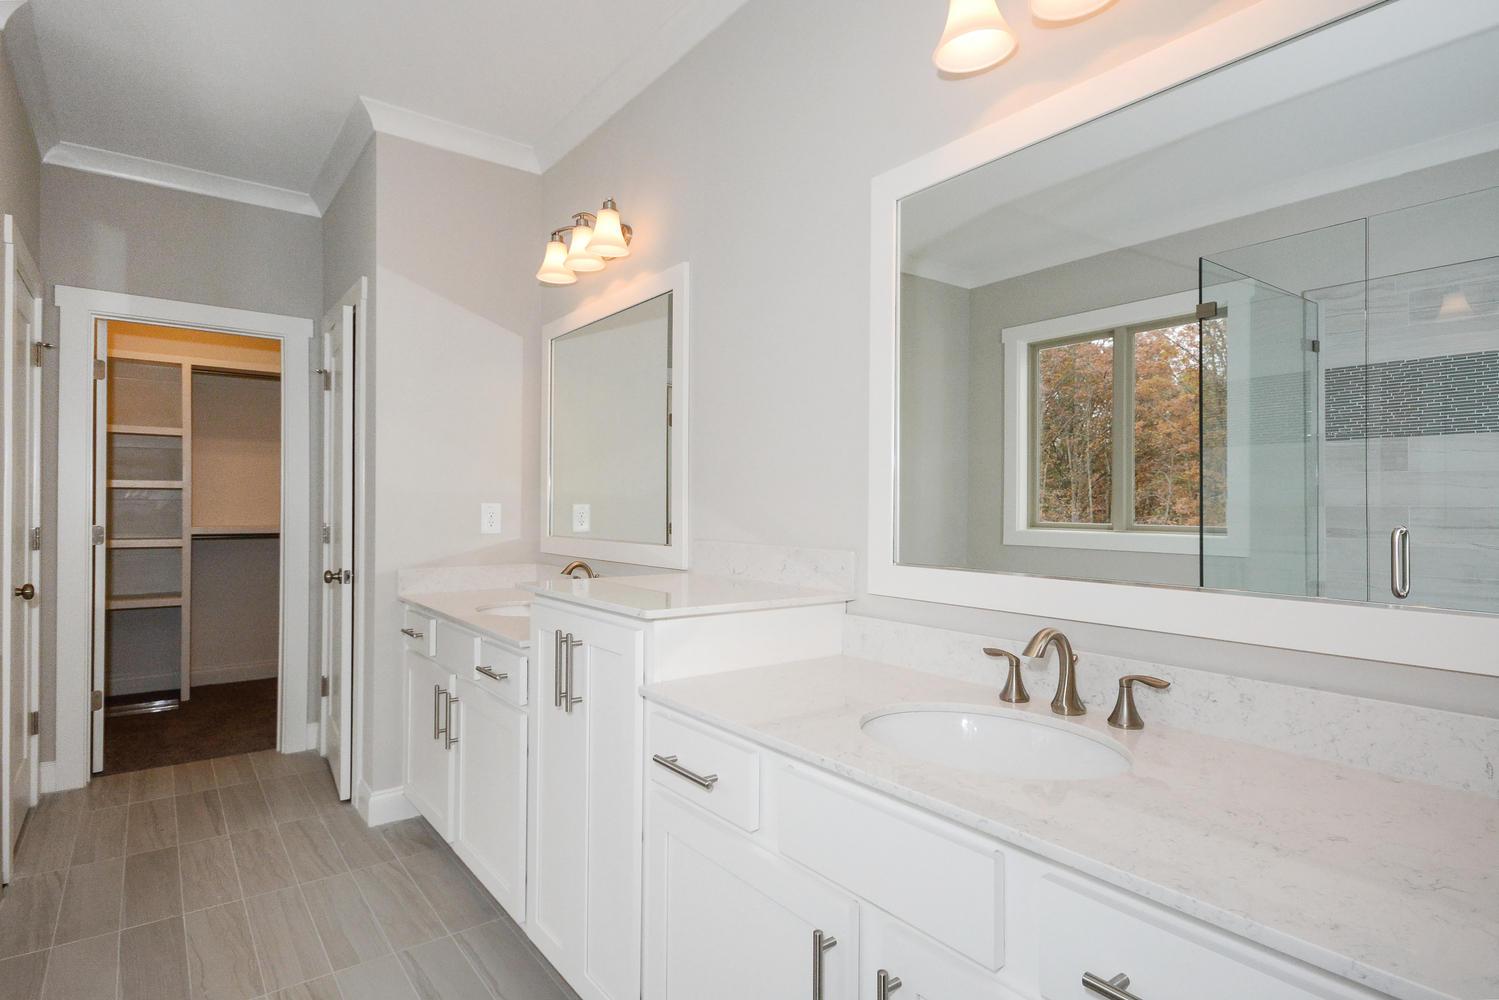 Dunes West Homes For Sale - 2919 Eddy, Mount Pleasant, SC - 16